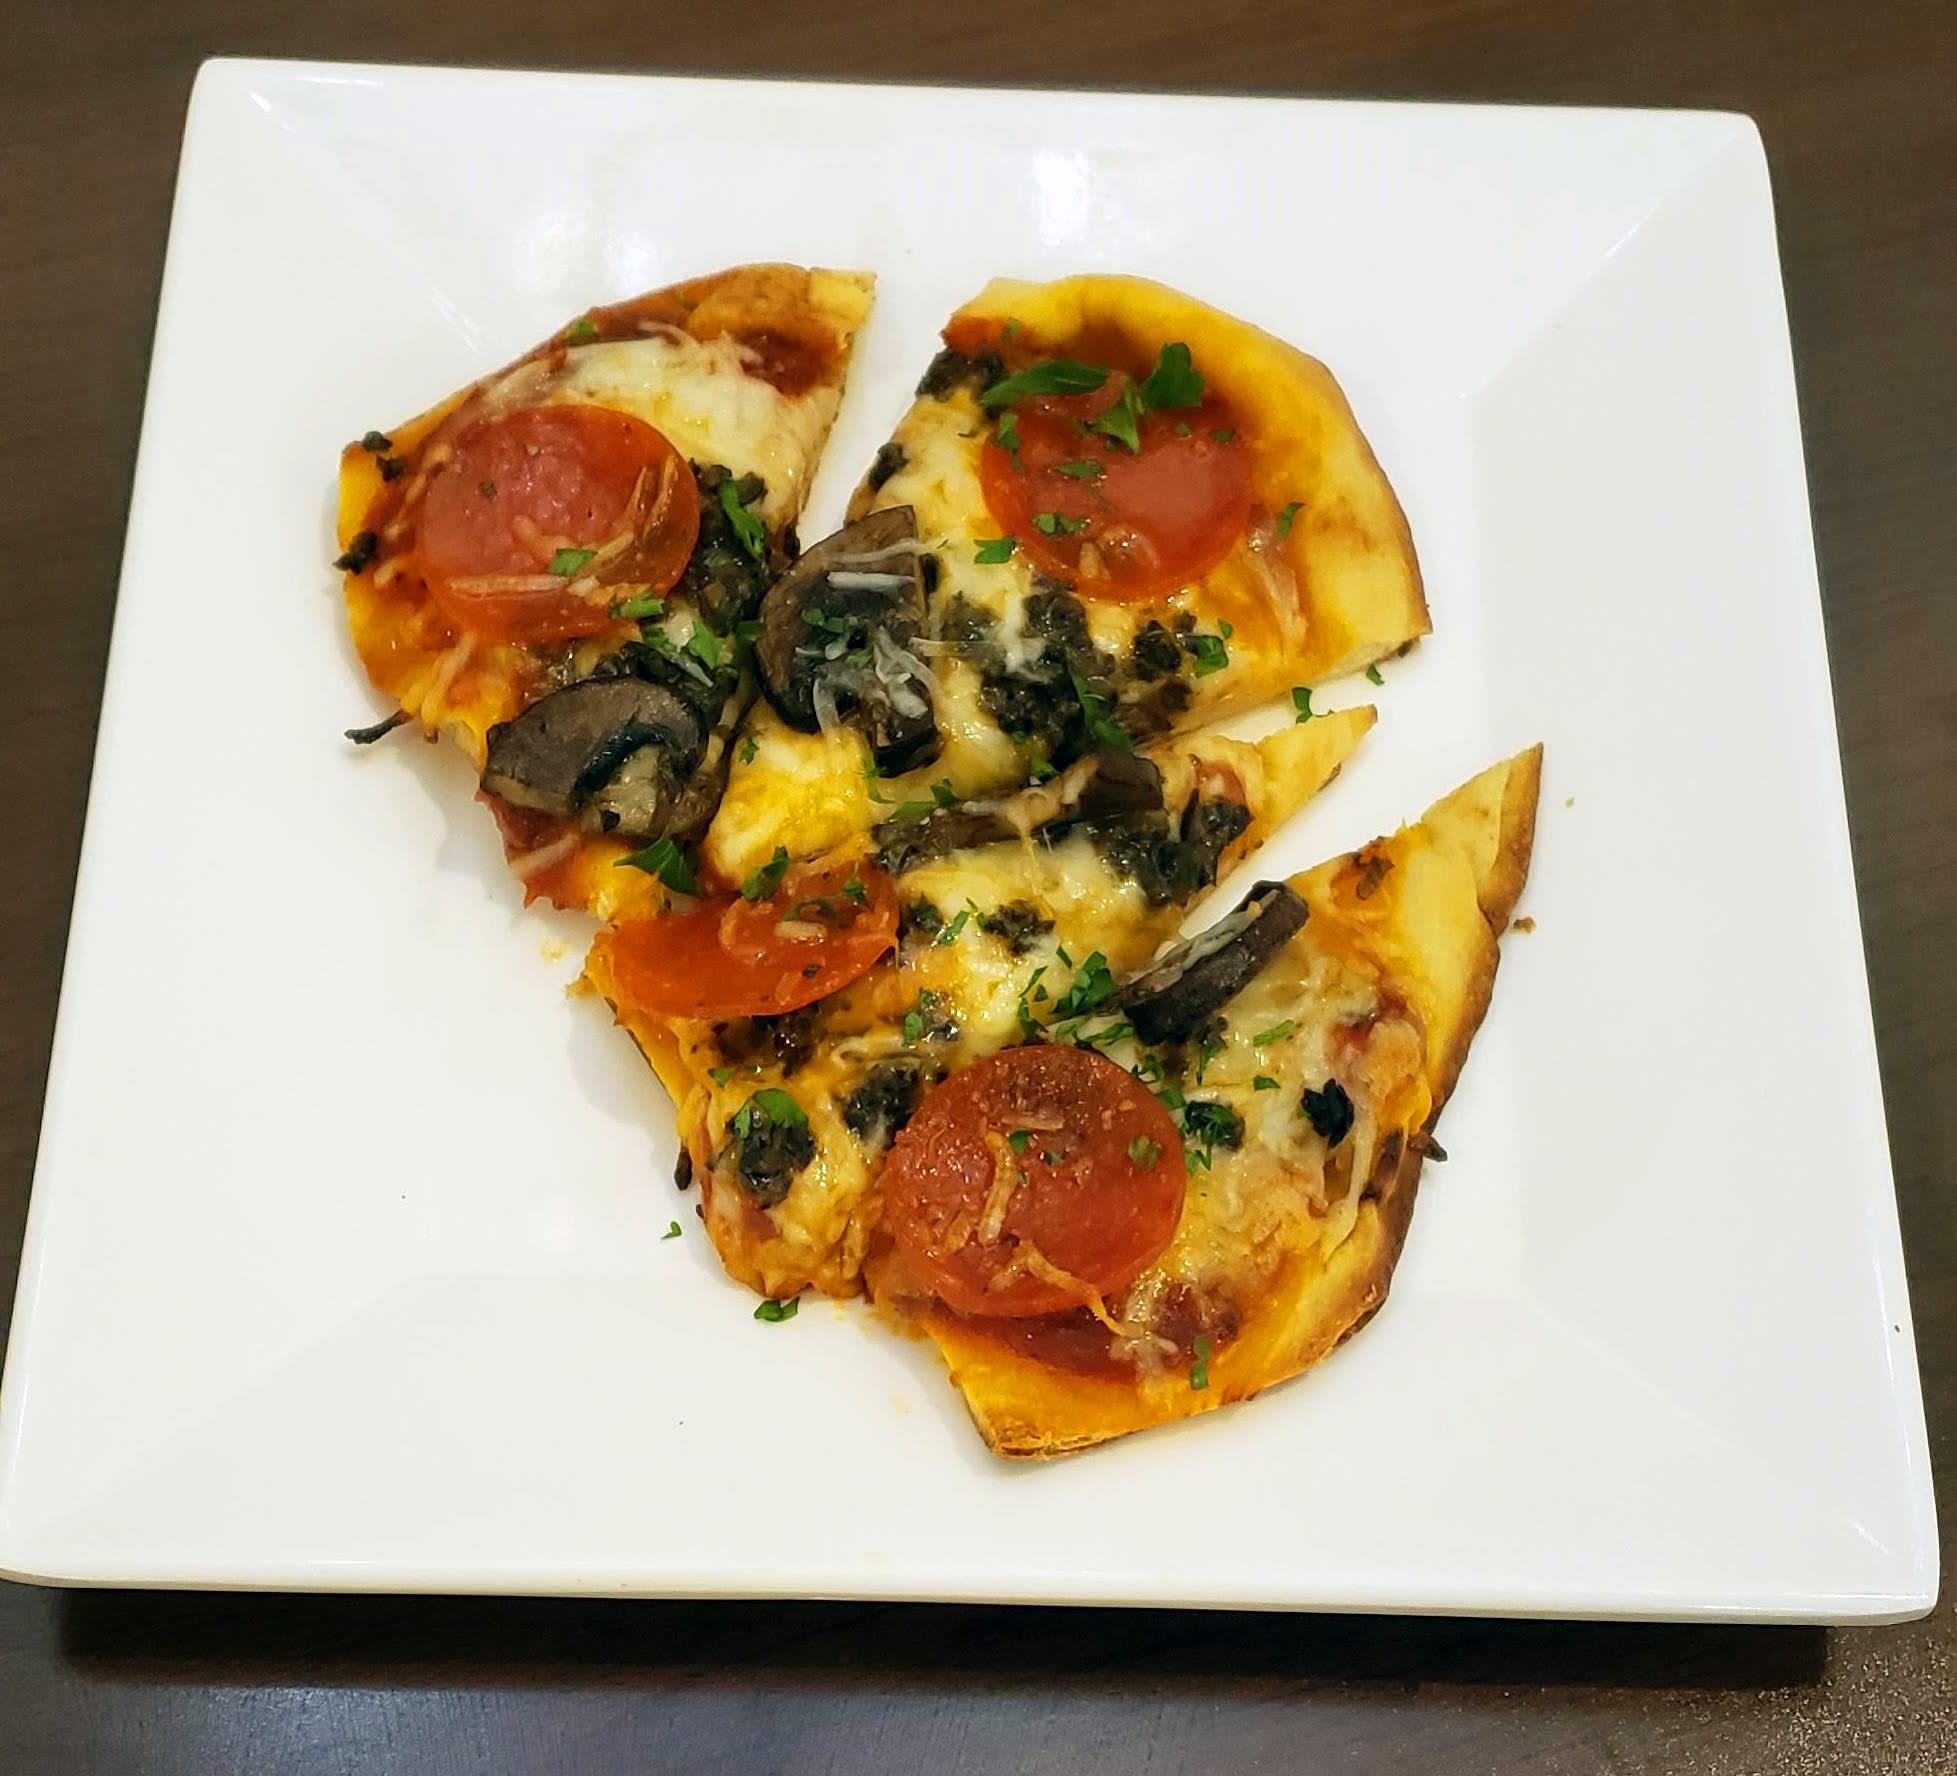 Peperoni, Olive and Mushroom Pizza at Blossom Vale Senior Living